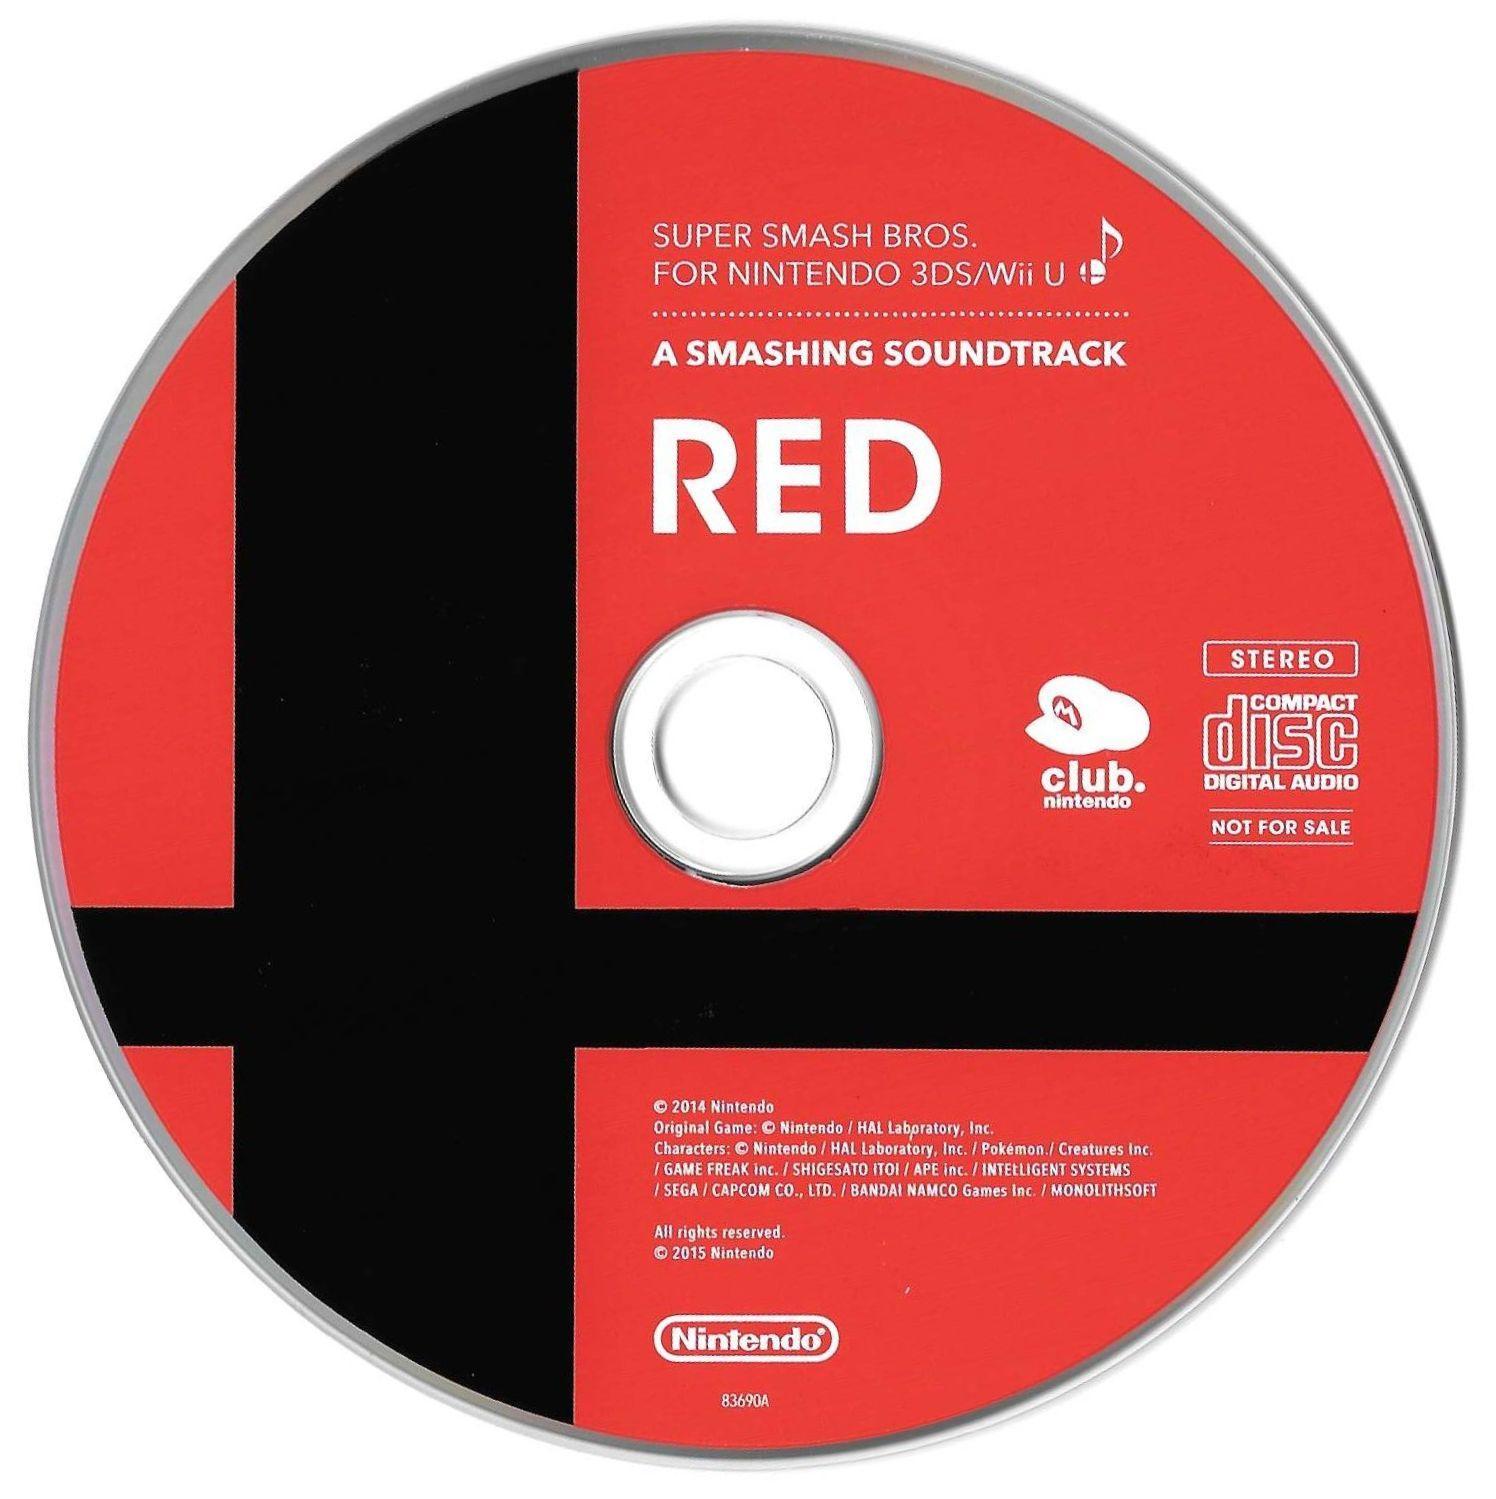 Super Smash Bros. for 3DS/Wii U Soundtrack Artbook, Artwork, Disc 1